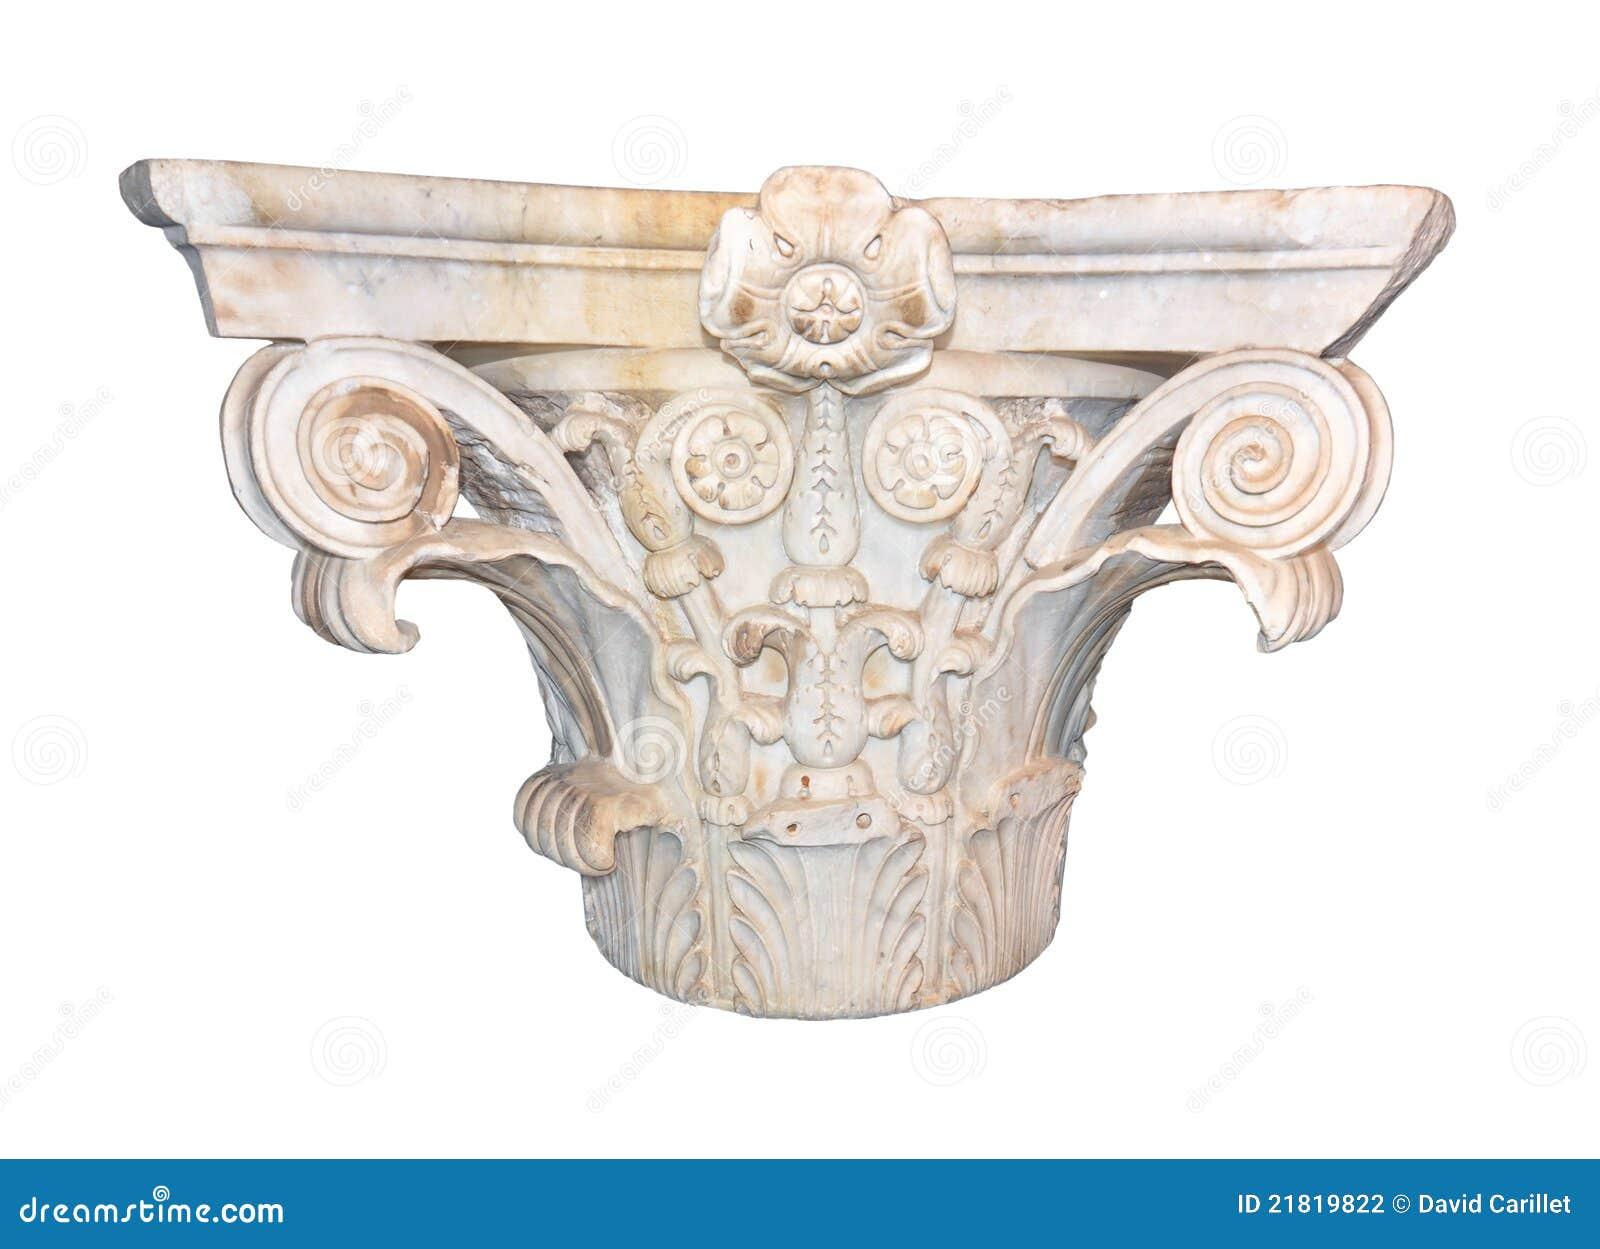 стародедовское прописное римское